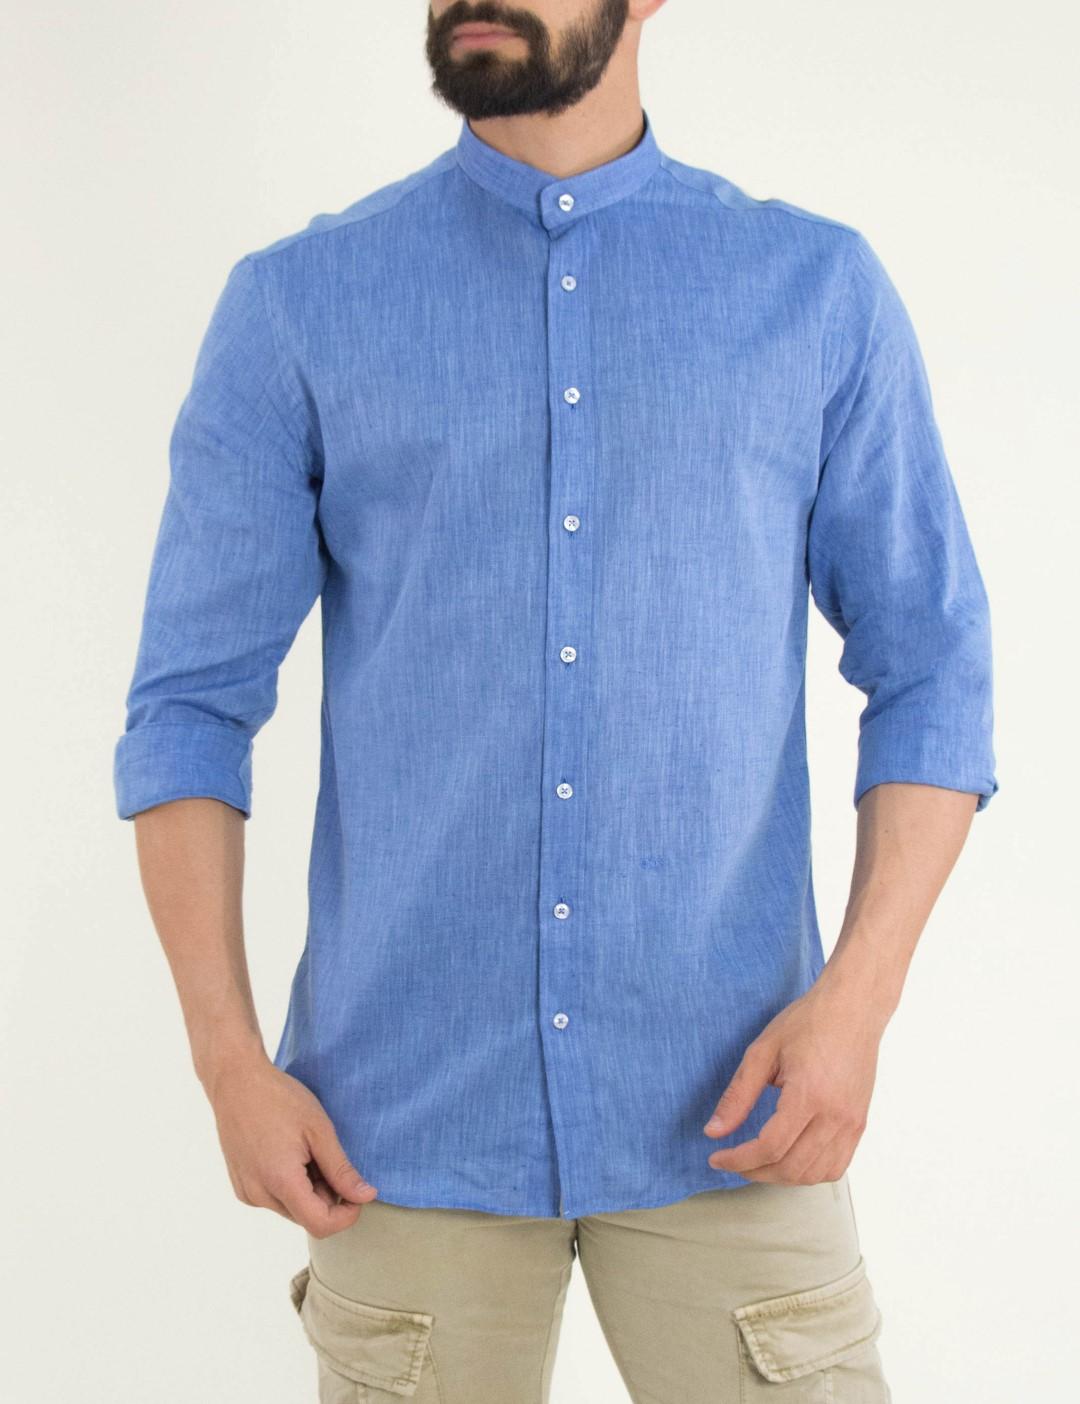 9c8cd6a57e50 Ανδρικό σιελ πουκάμισο μαο γιακά GioS 9138S19